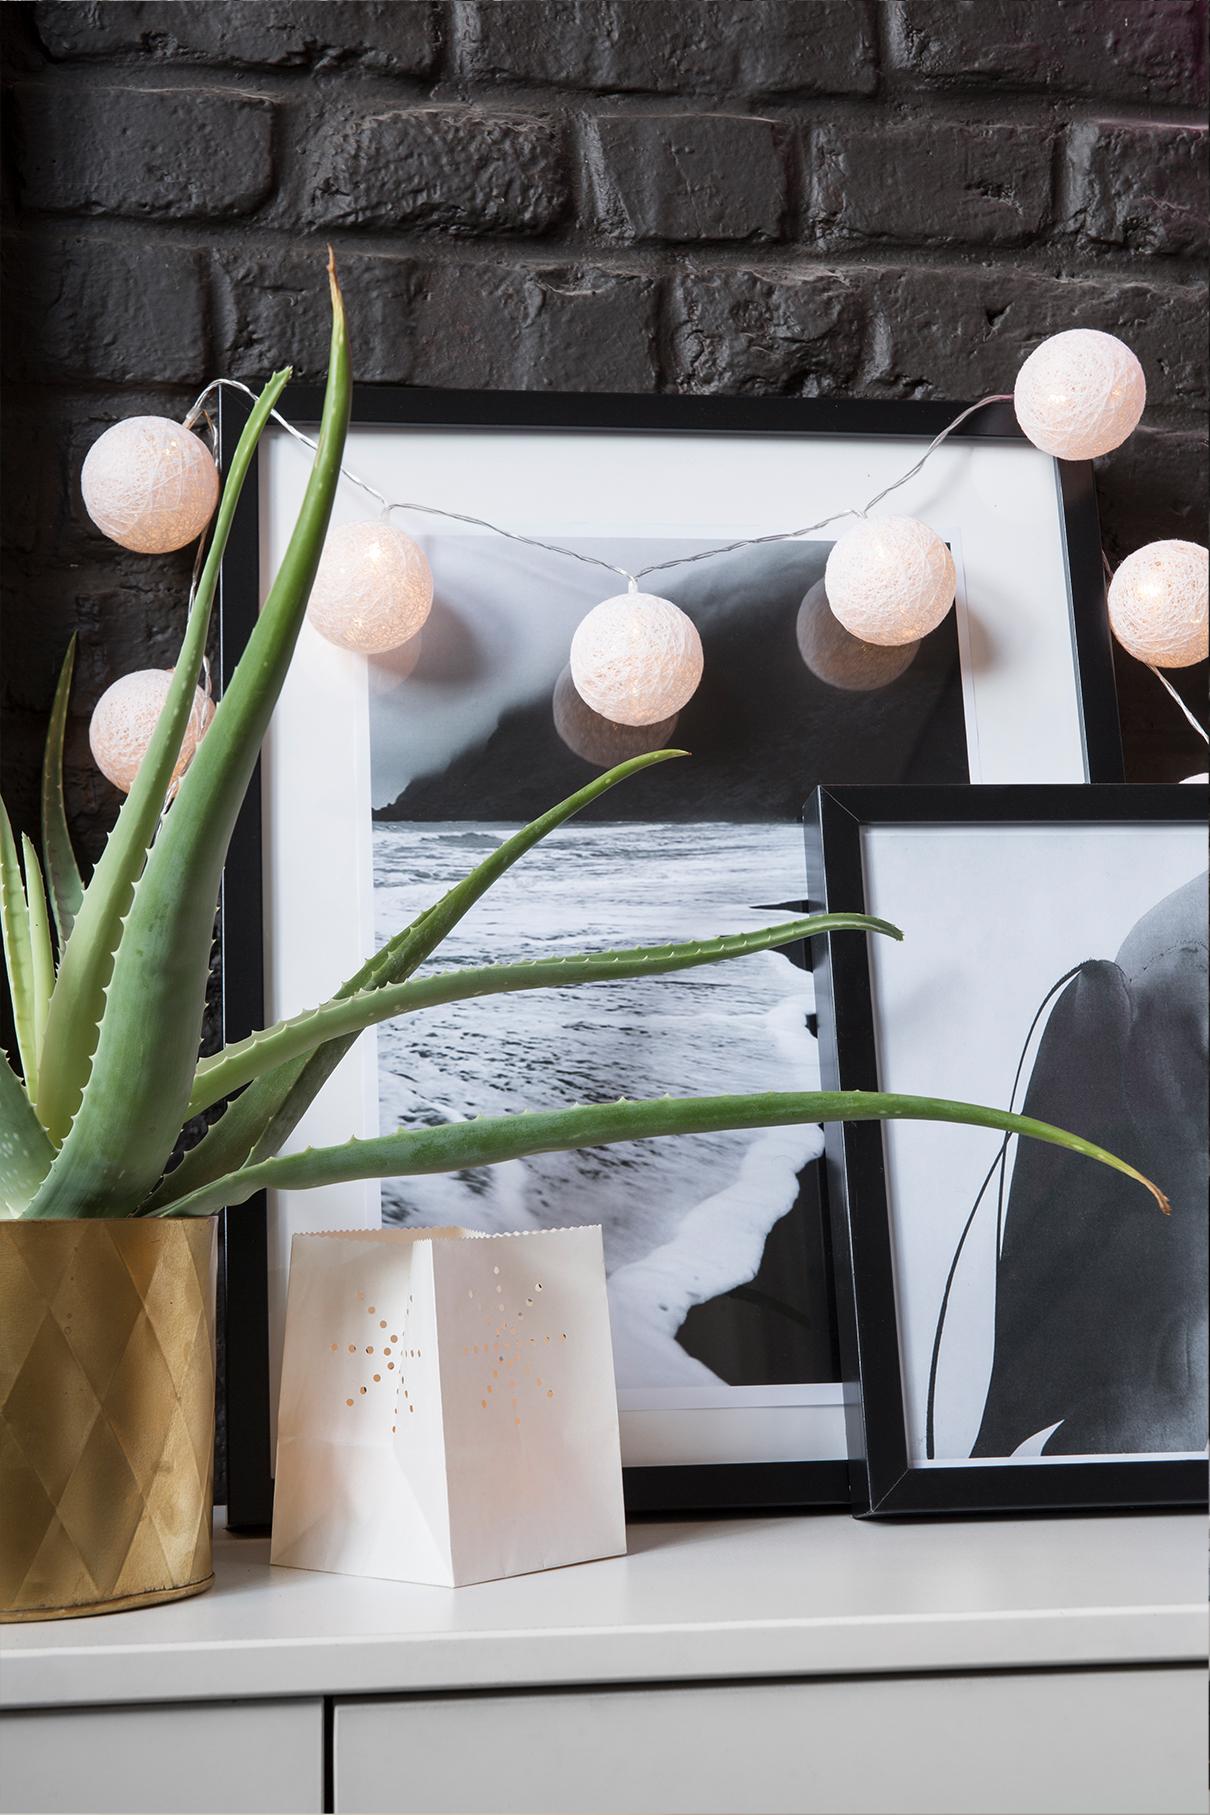 esprit industriel loft notre s lection d co lumineuse. Black Bedroom Furniture Sets. Home Design Ideas